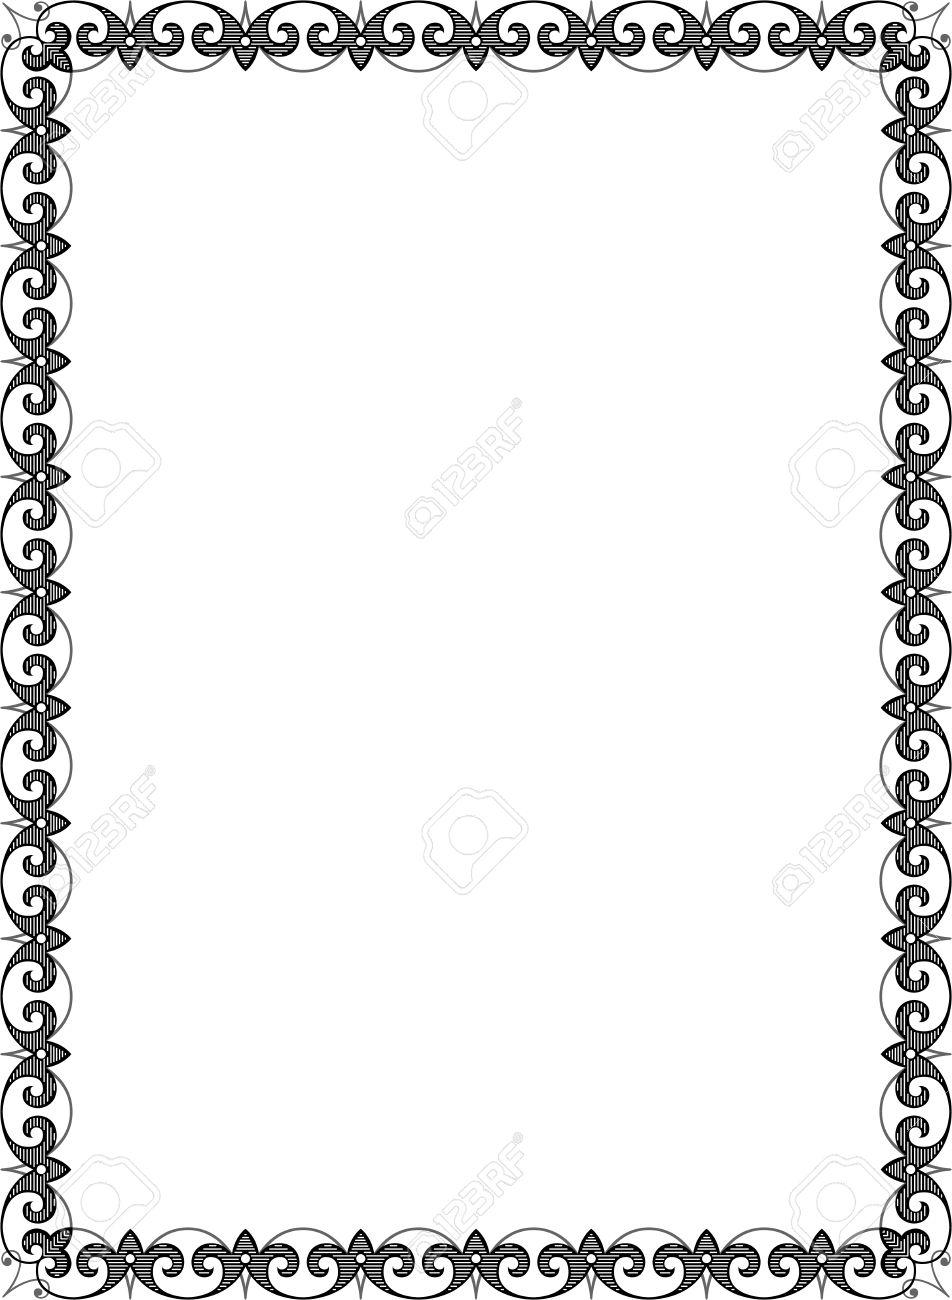 Cadre Bordure cadre de bordure ornée carrelé, niveaux de gris clip art libres de